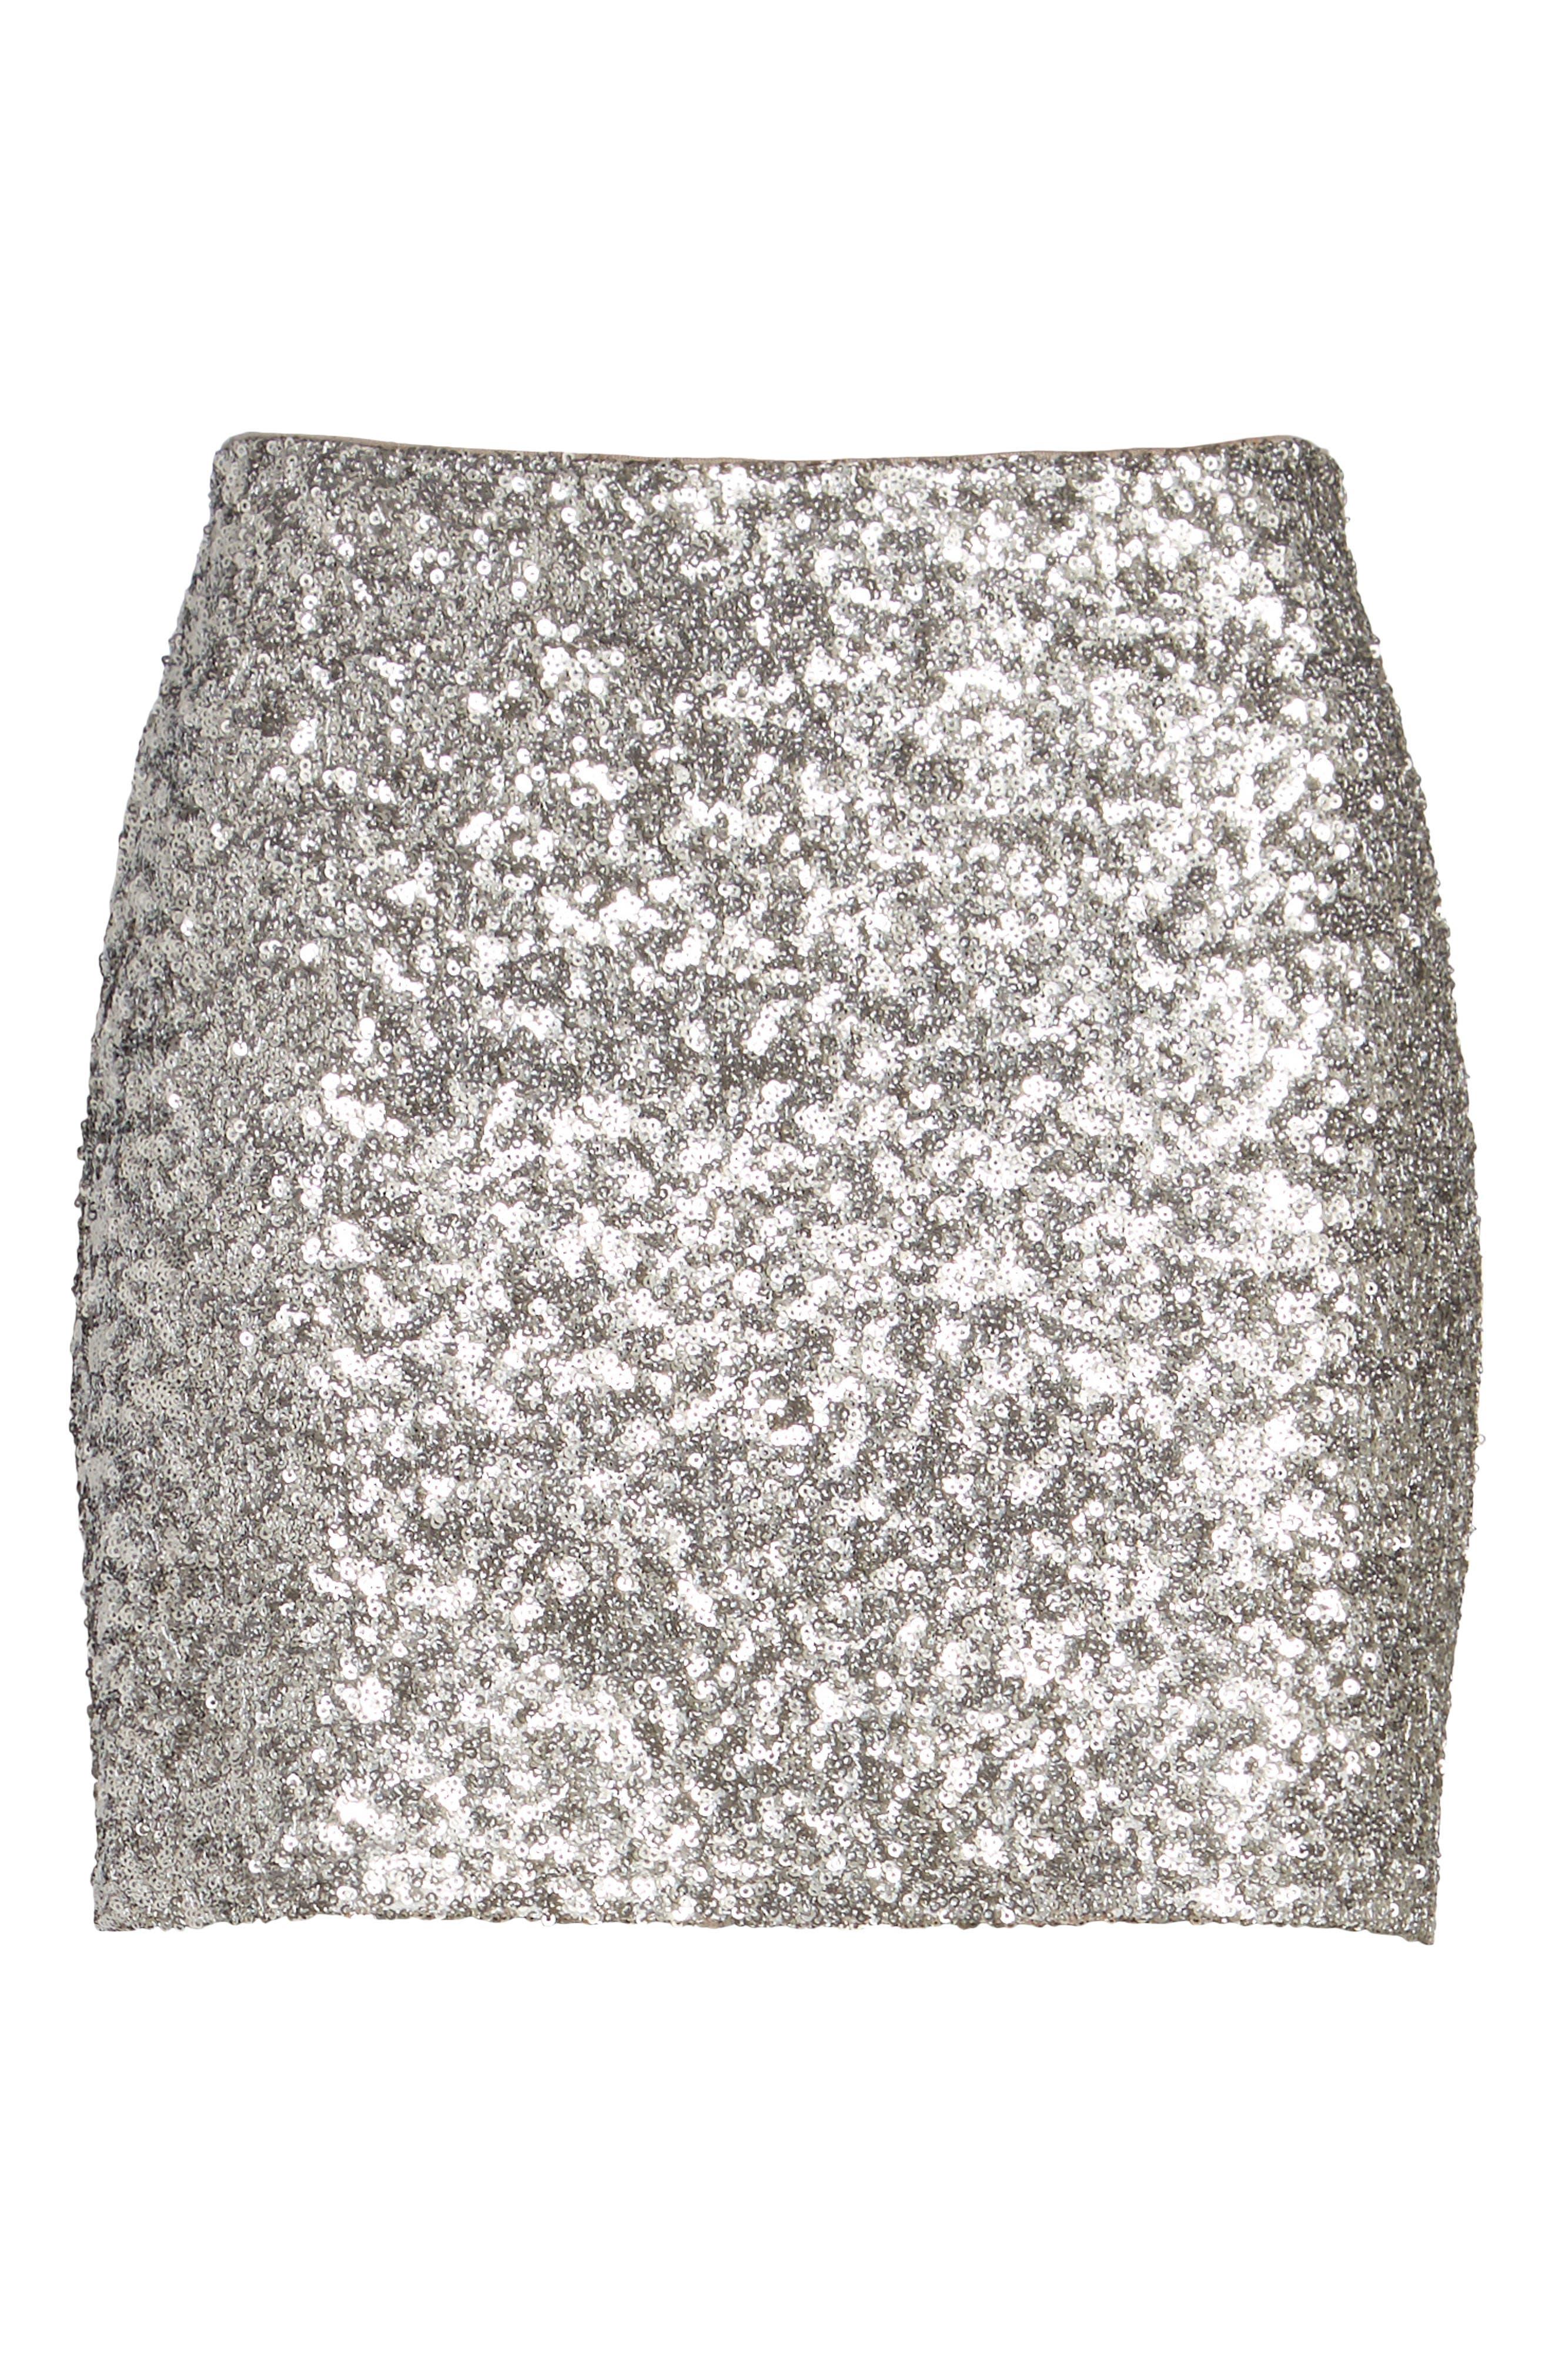 Scene Stealing Miniskirt,                             Alternate thumbnail 6, color,                             090